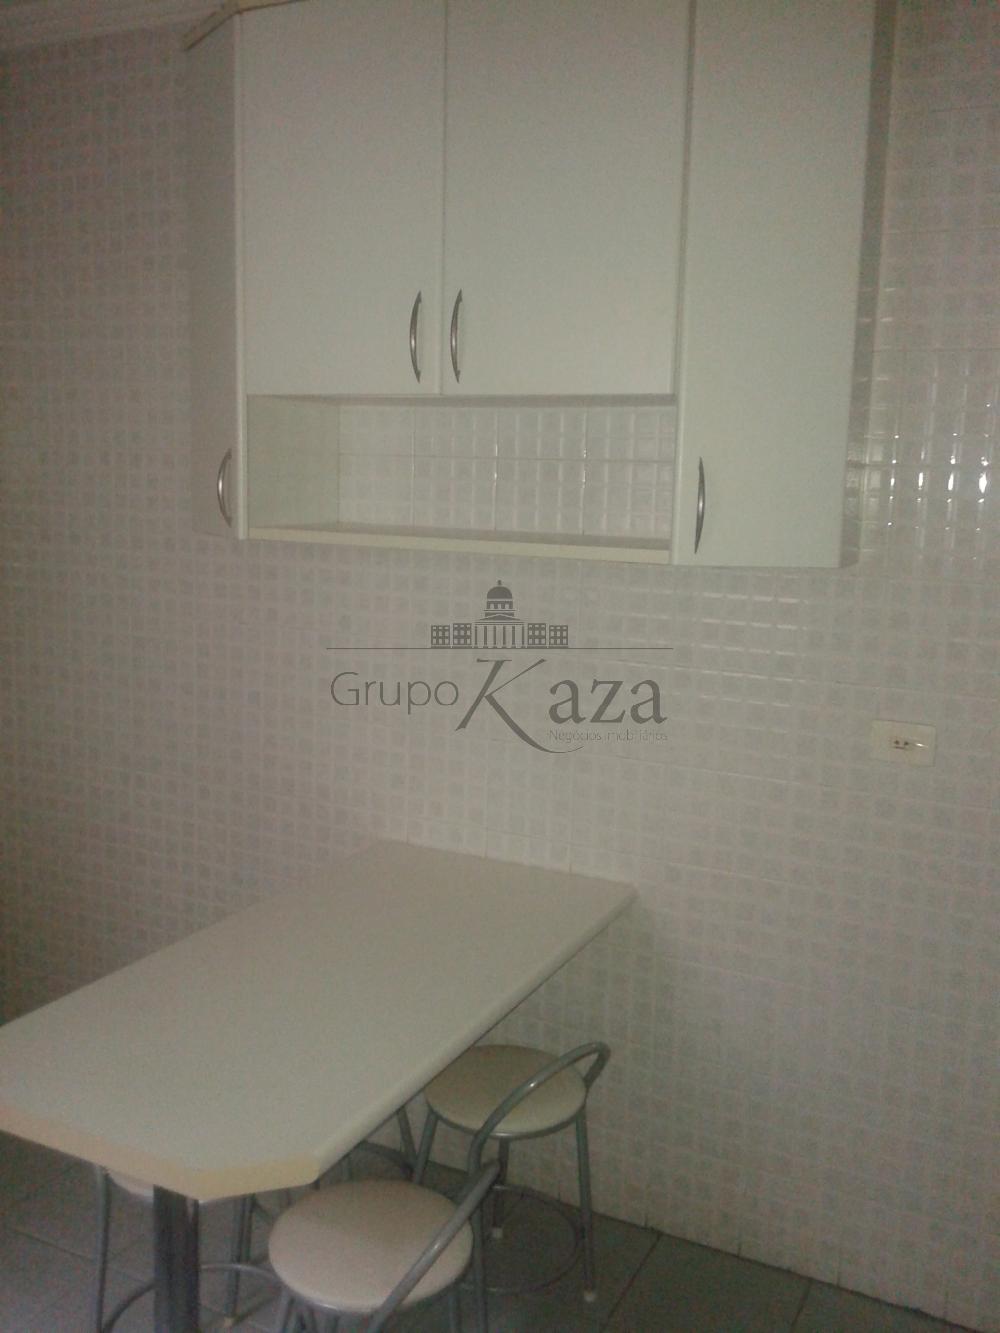 Alugar Apartamento / Padrão em São José dos Campos R$ 2.500,00 - Foto 3